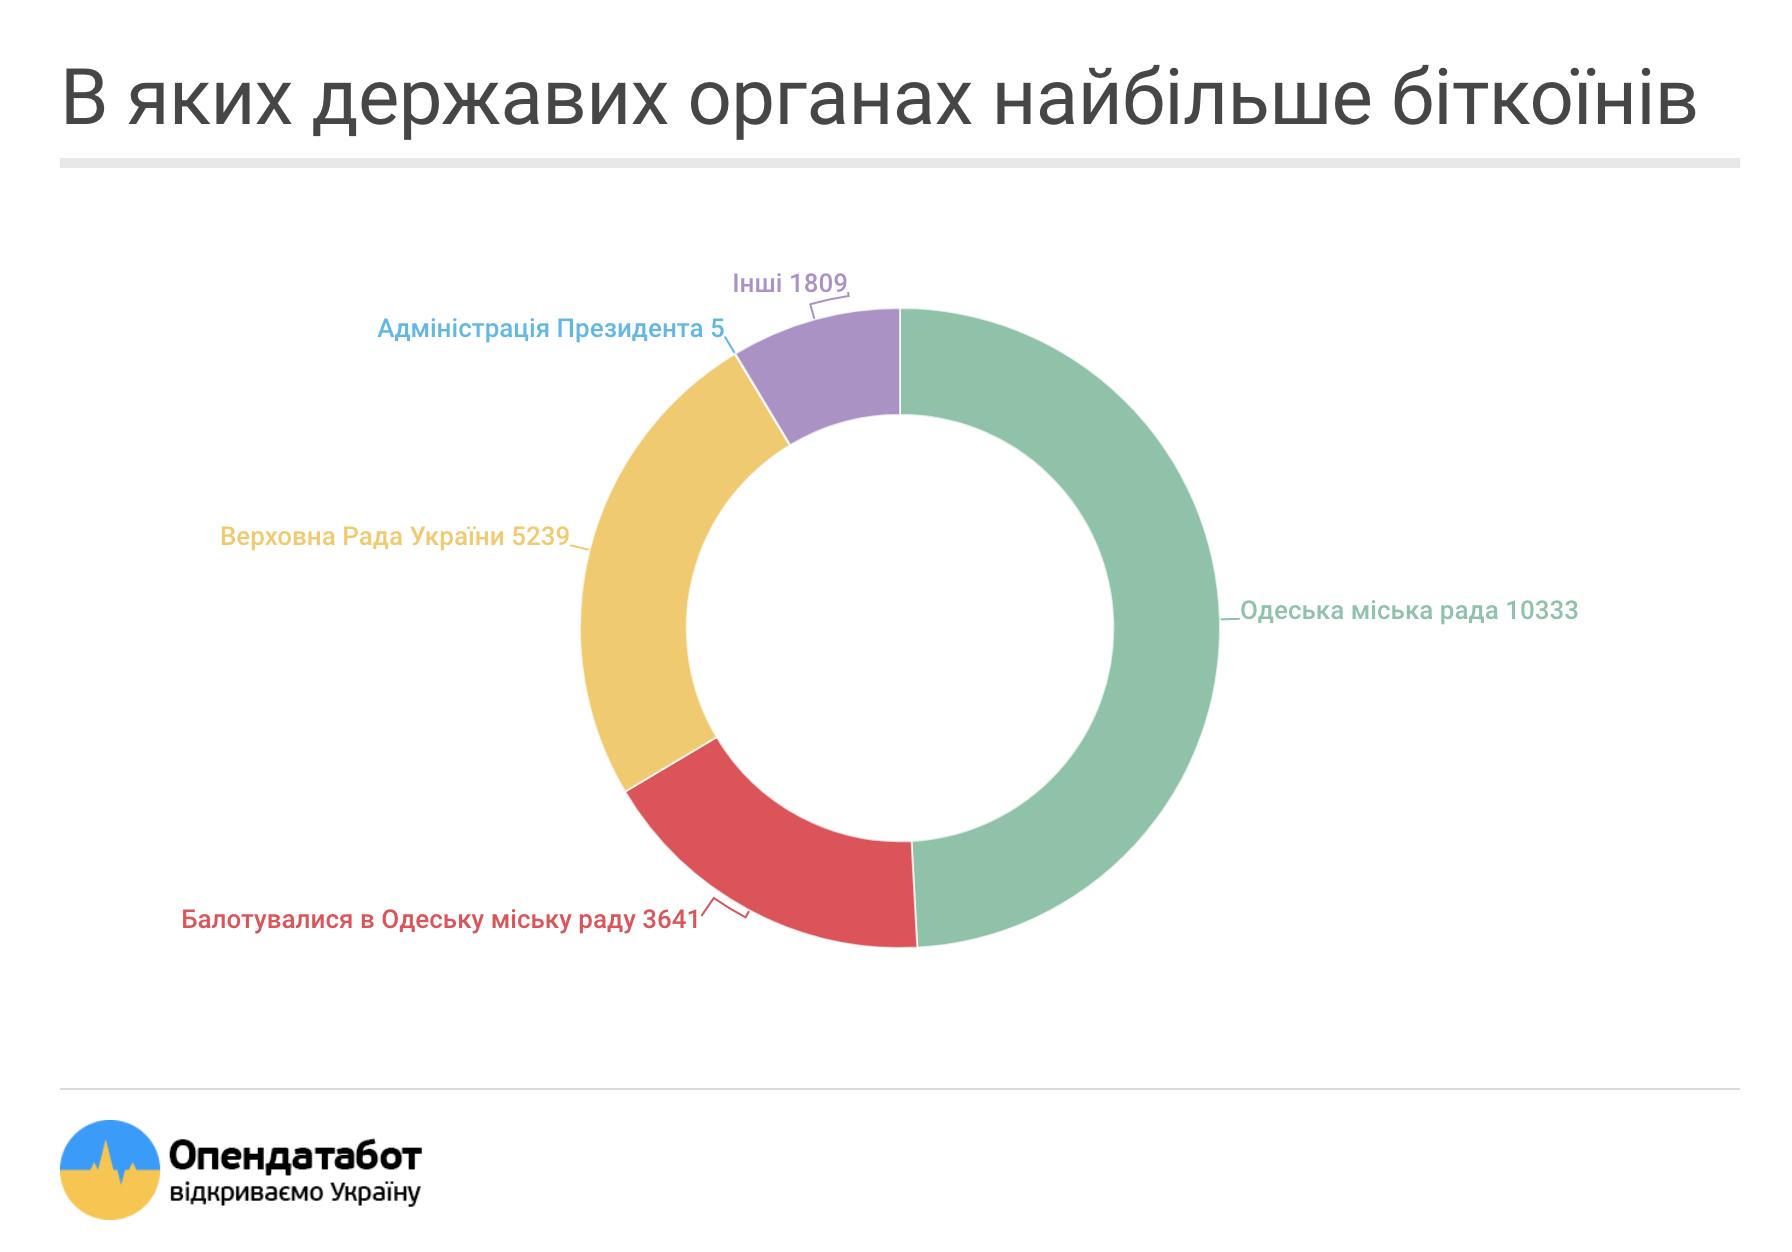 Украинские чиновники начали декларировать криптовалюту, - исследование